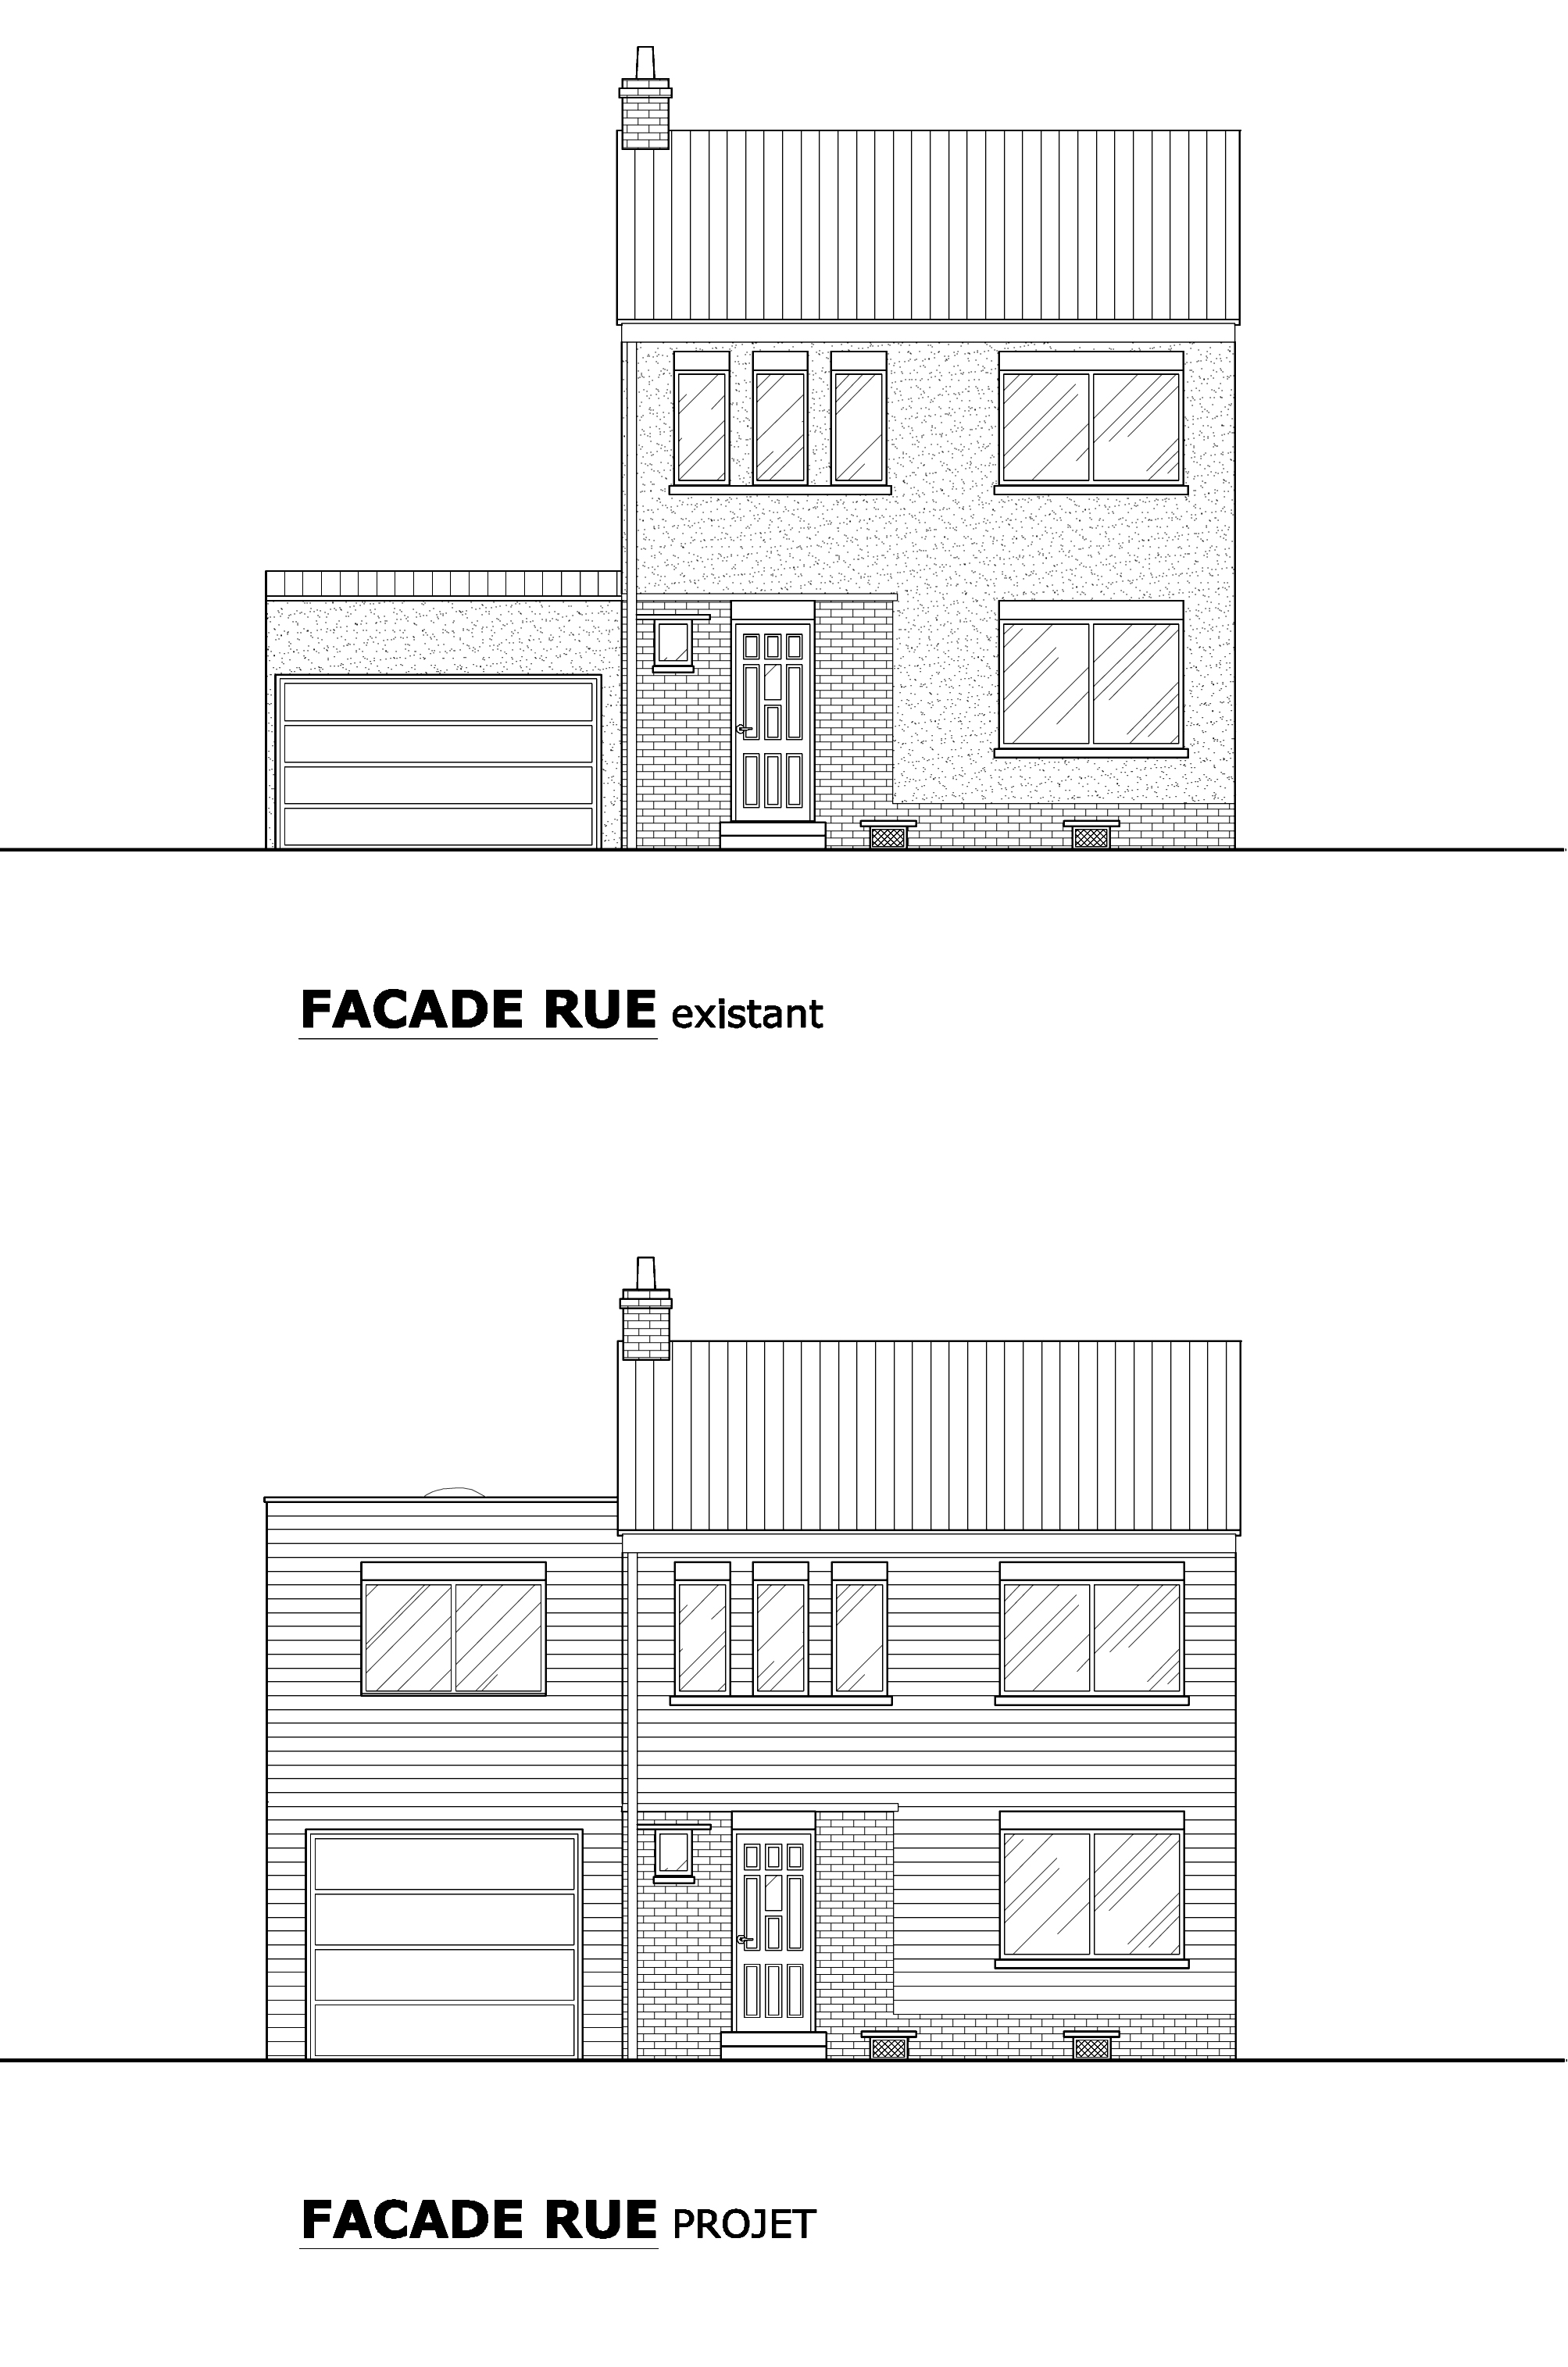 15.26 Extension maison permis de construire nord Valenciennes13